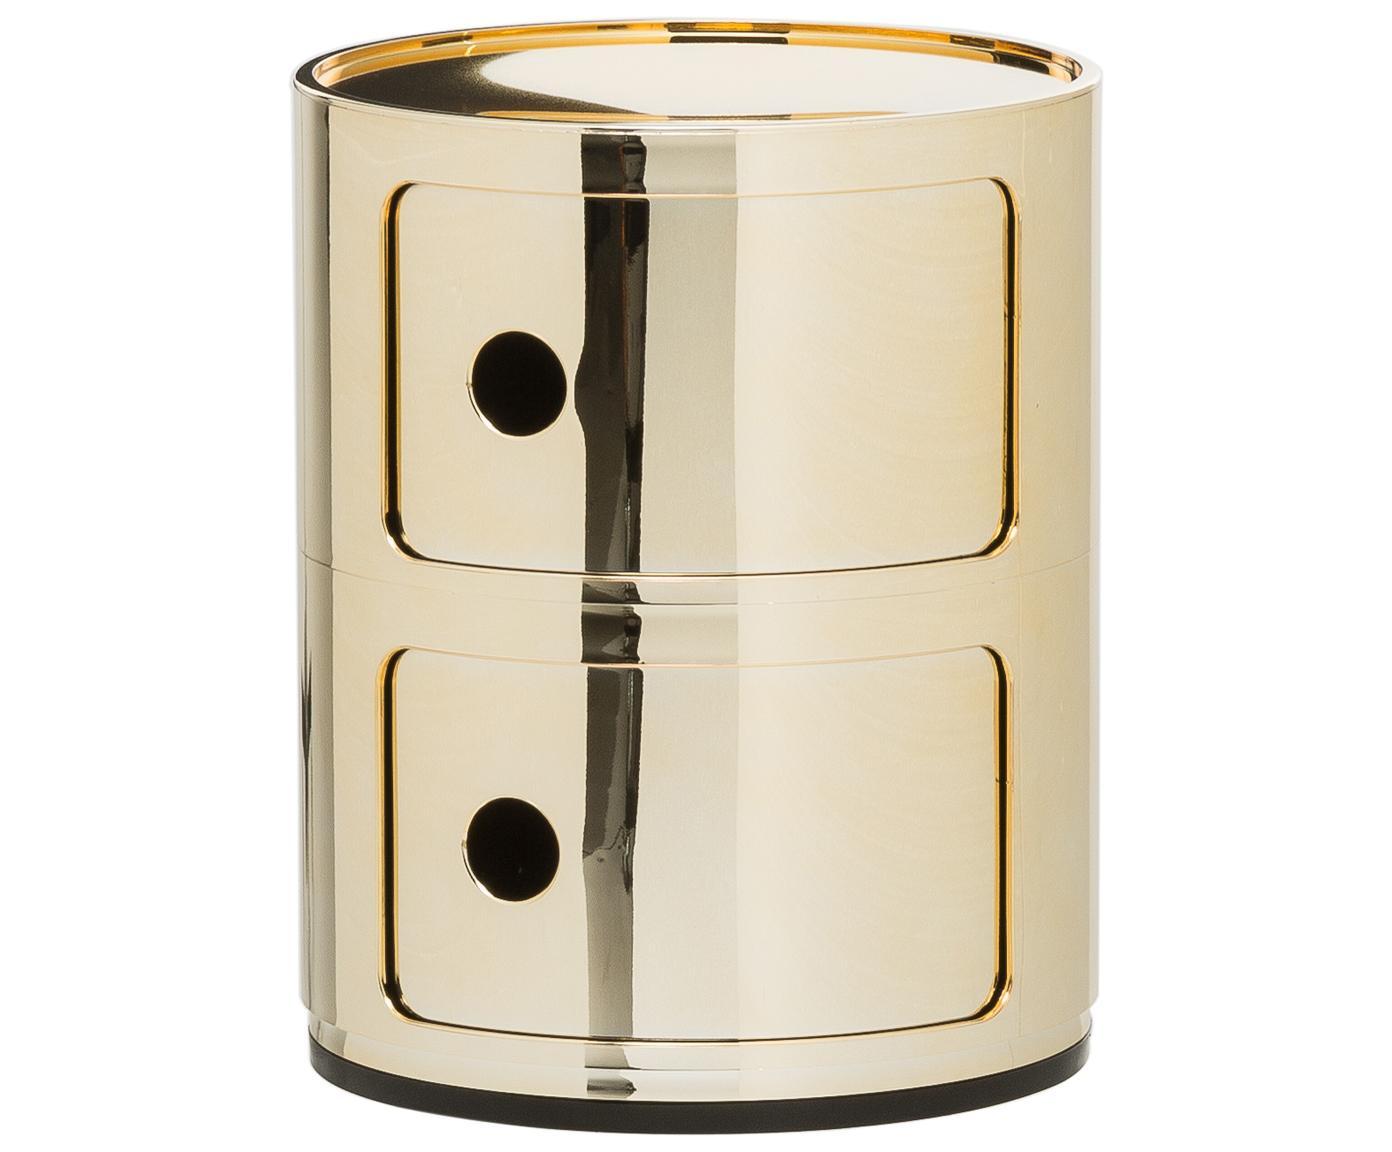 Mały stolik pomocniczy Componibile, Tworzywo sztuczne, powlekane metalem, Odcienie złotego, Ø 32 x W 40 cm